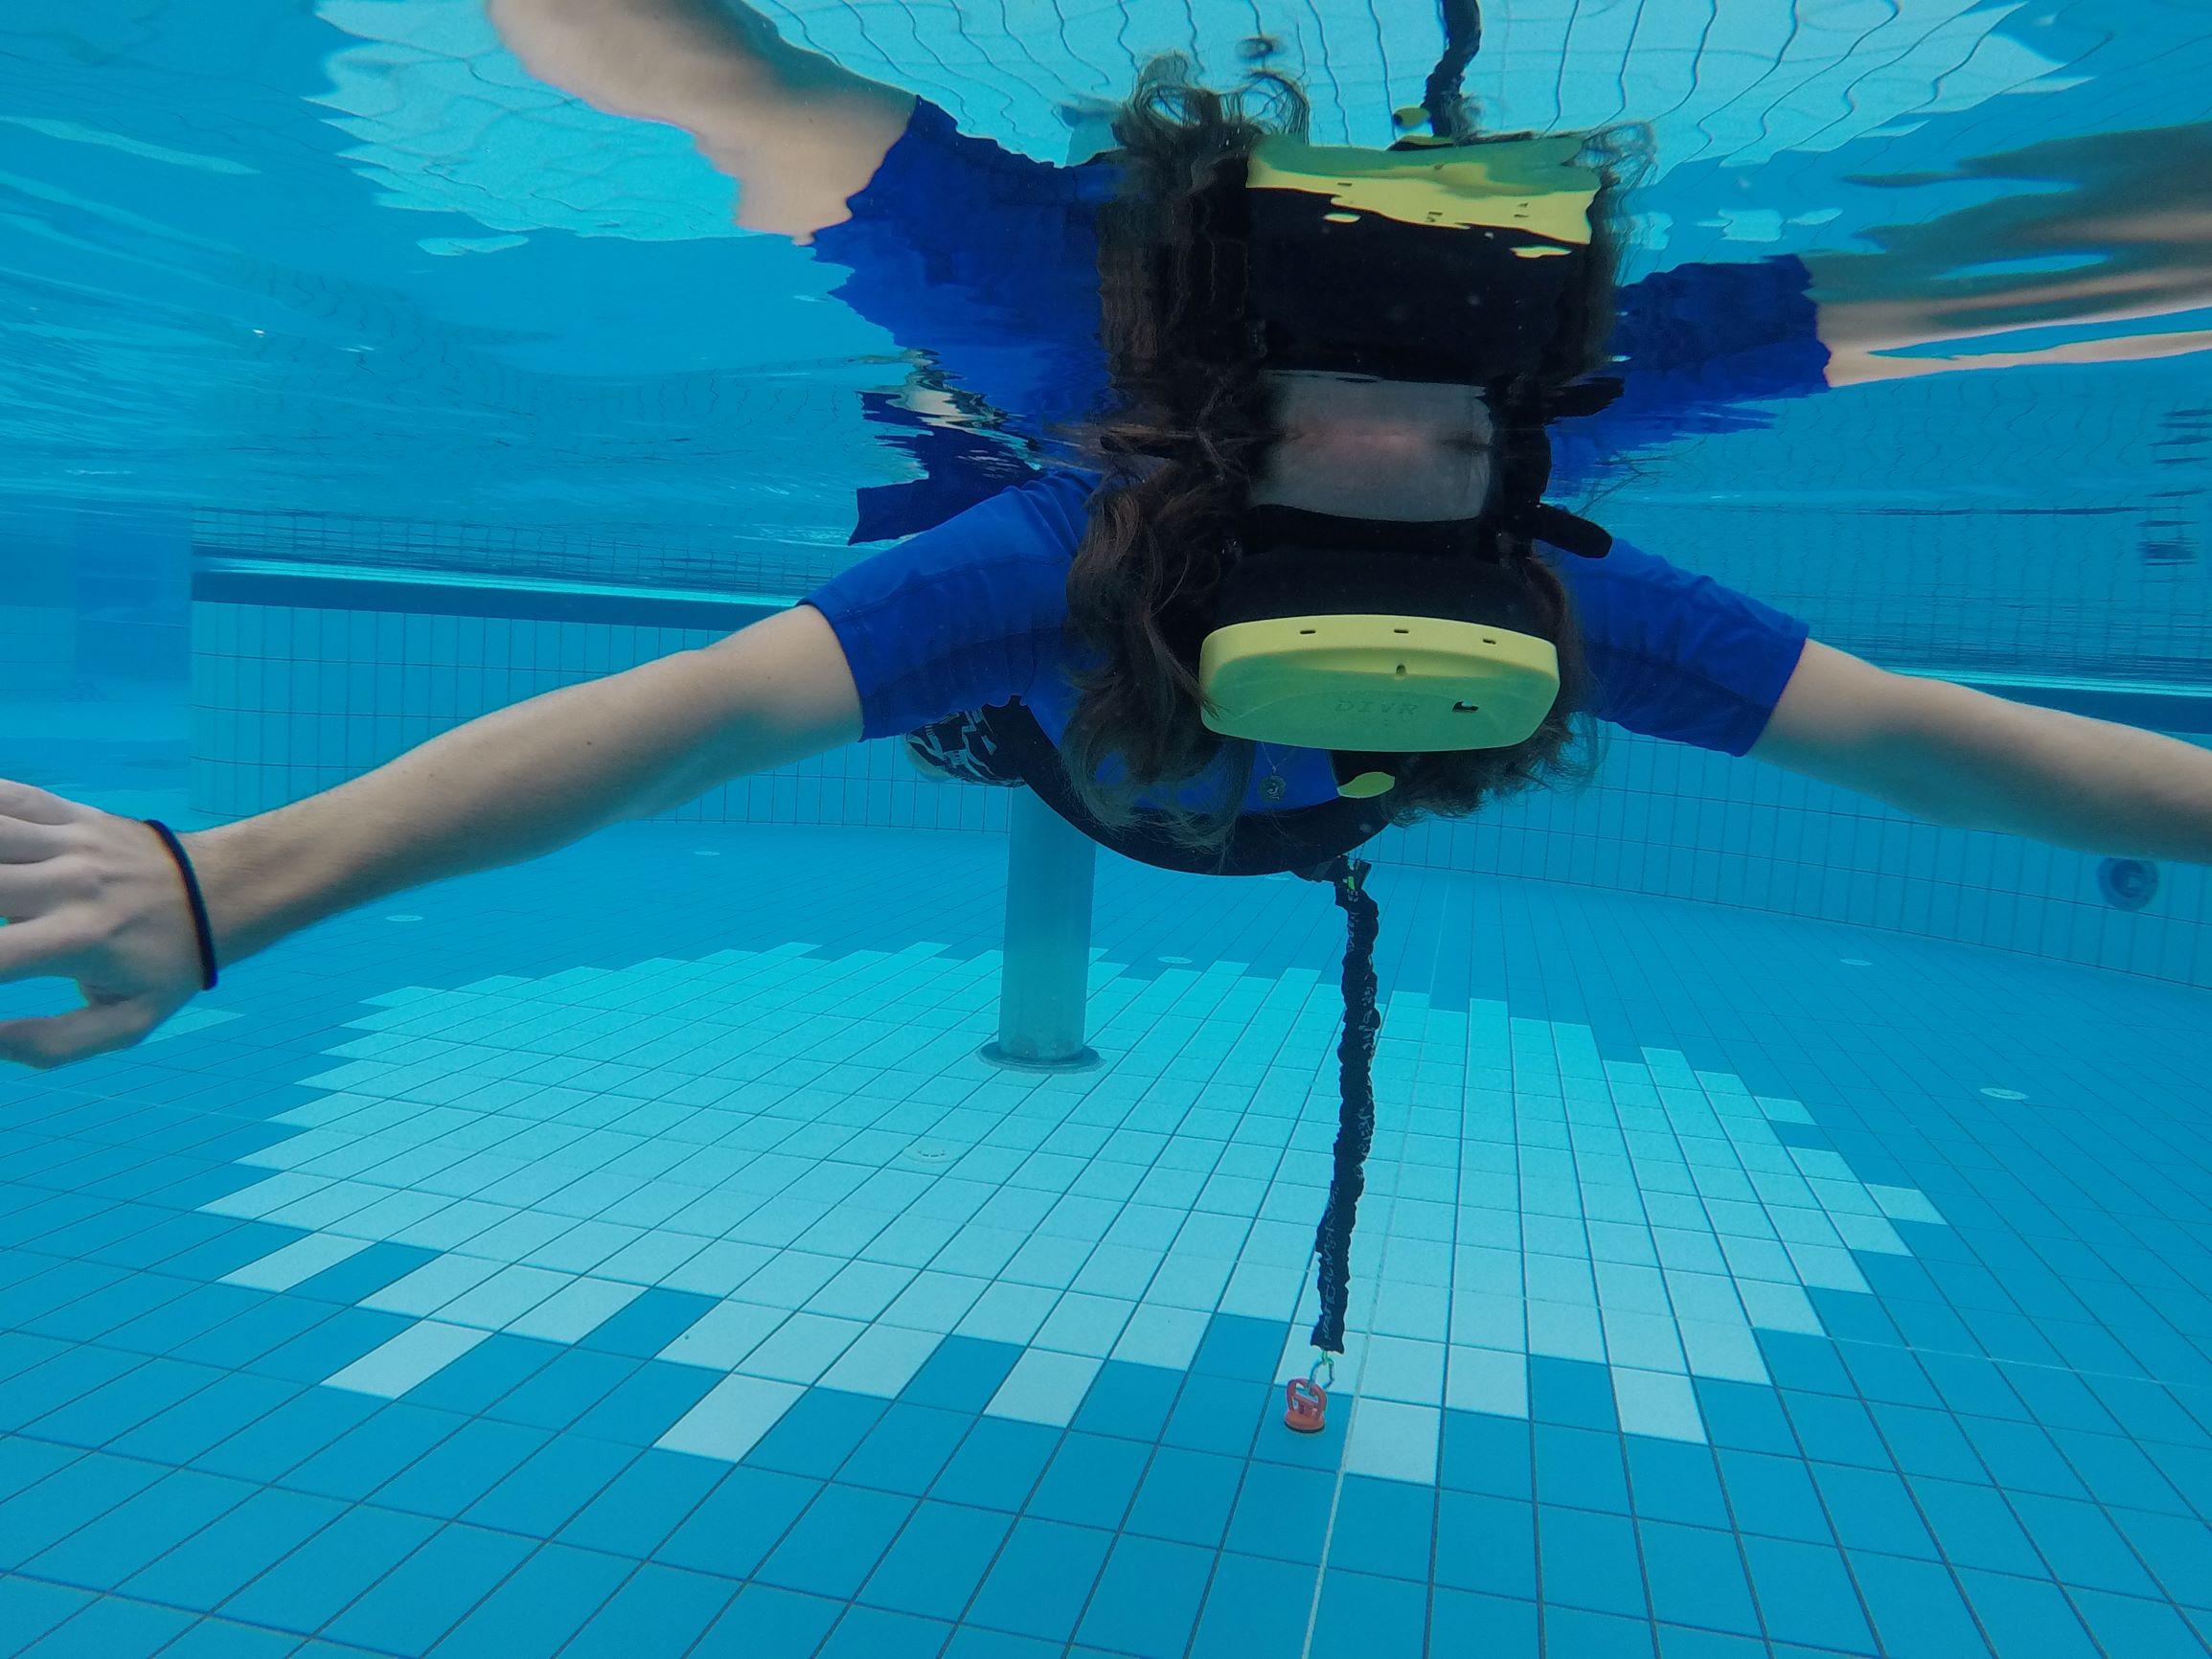 VR-Schnorcheln: Atlantis-Gäste tauchen in eine neue Welt ein. Im Ruhrgebiet bislang exklusiv!